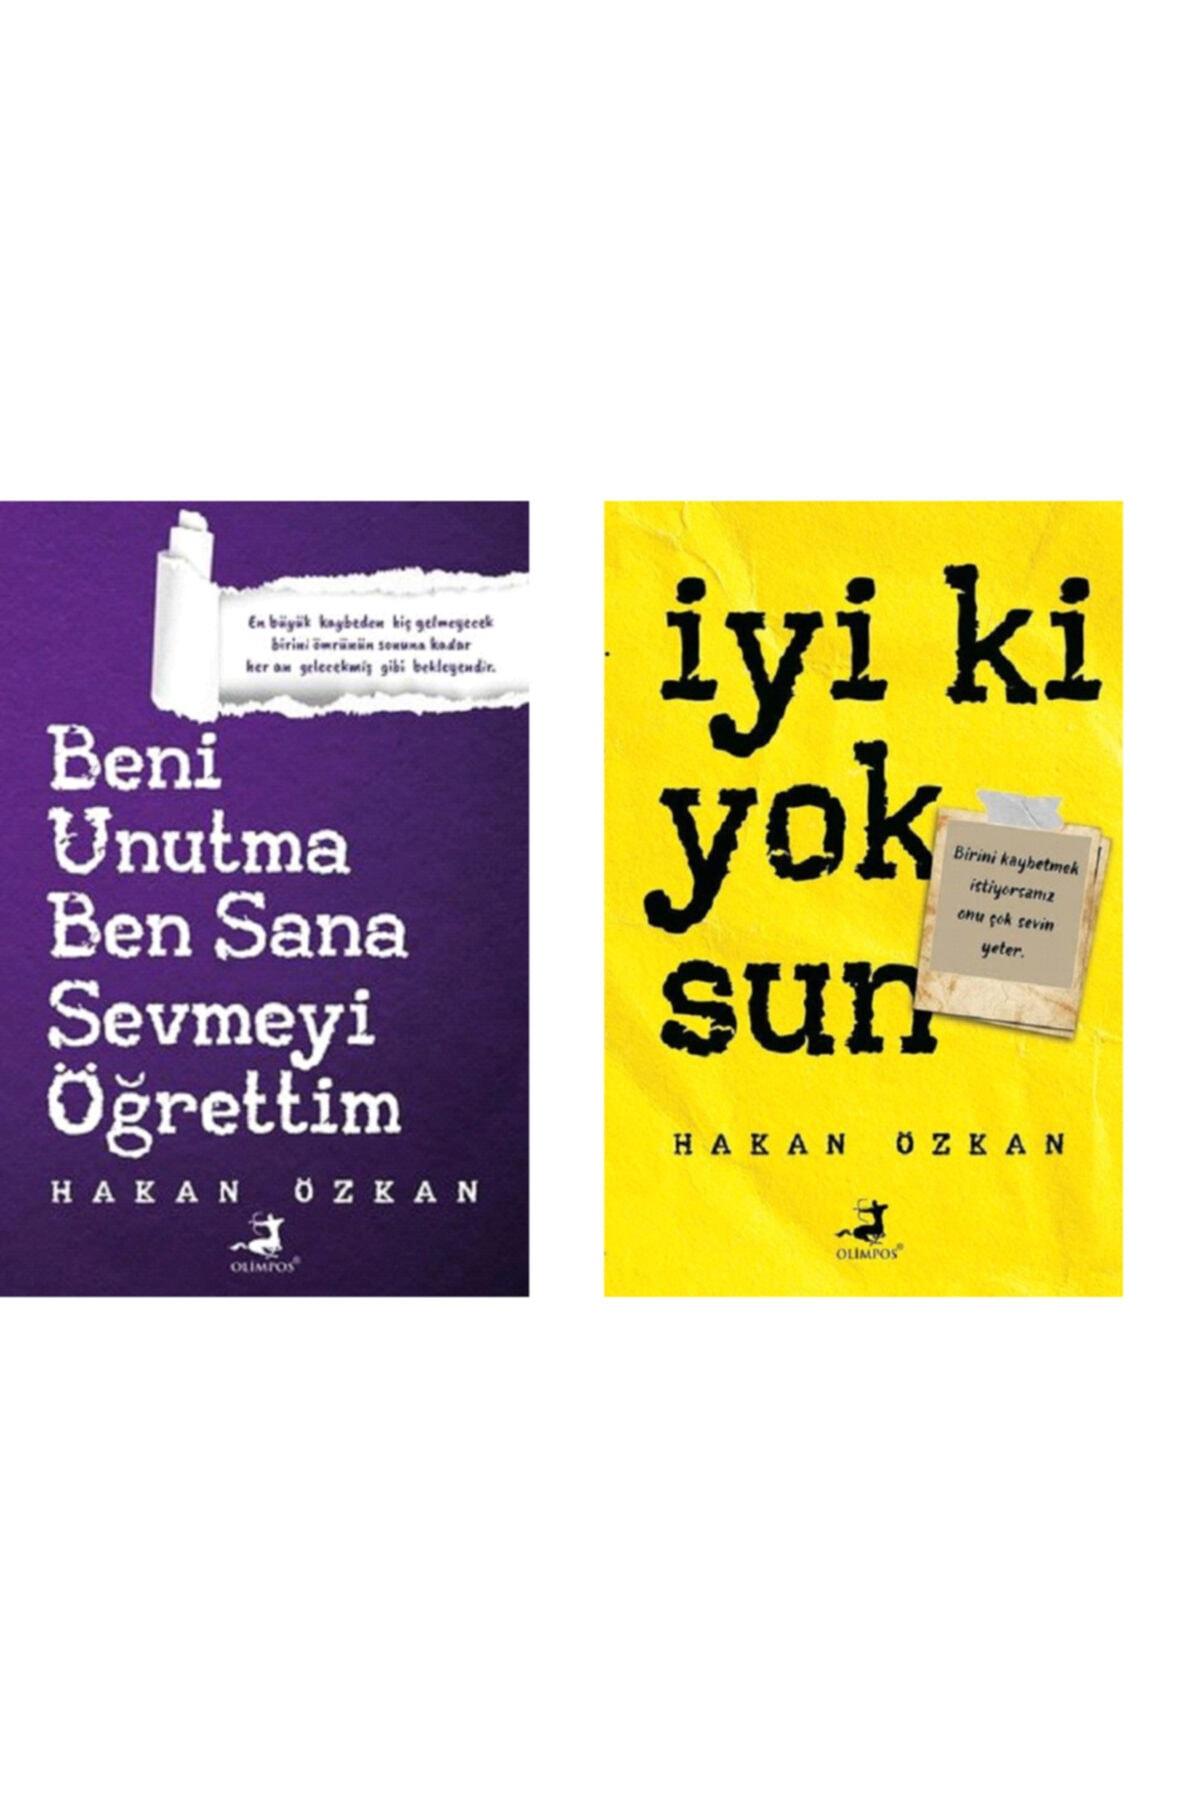 Olimpos Yayınları Beni Unutma Ben Sana Sevmeyi Öğrettim - Hakan Özkan , Iyi Ki Yoksun- Hakan Özkan 2 Kitap Set 1